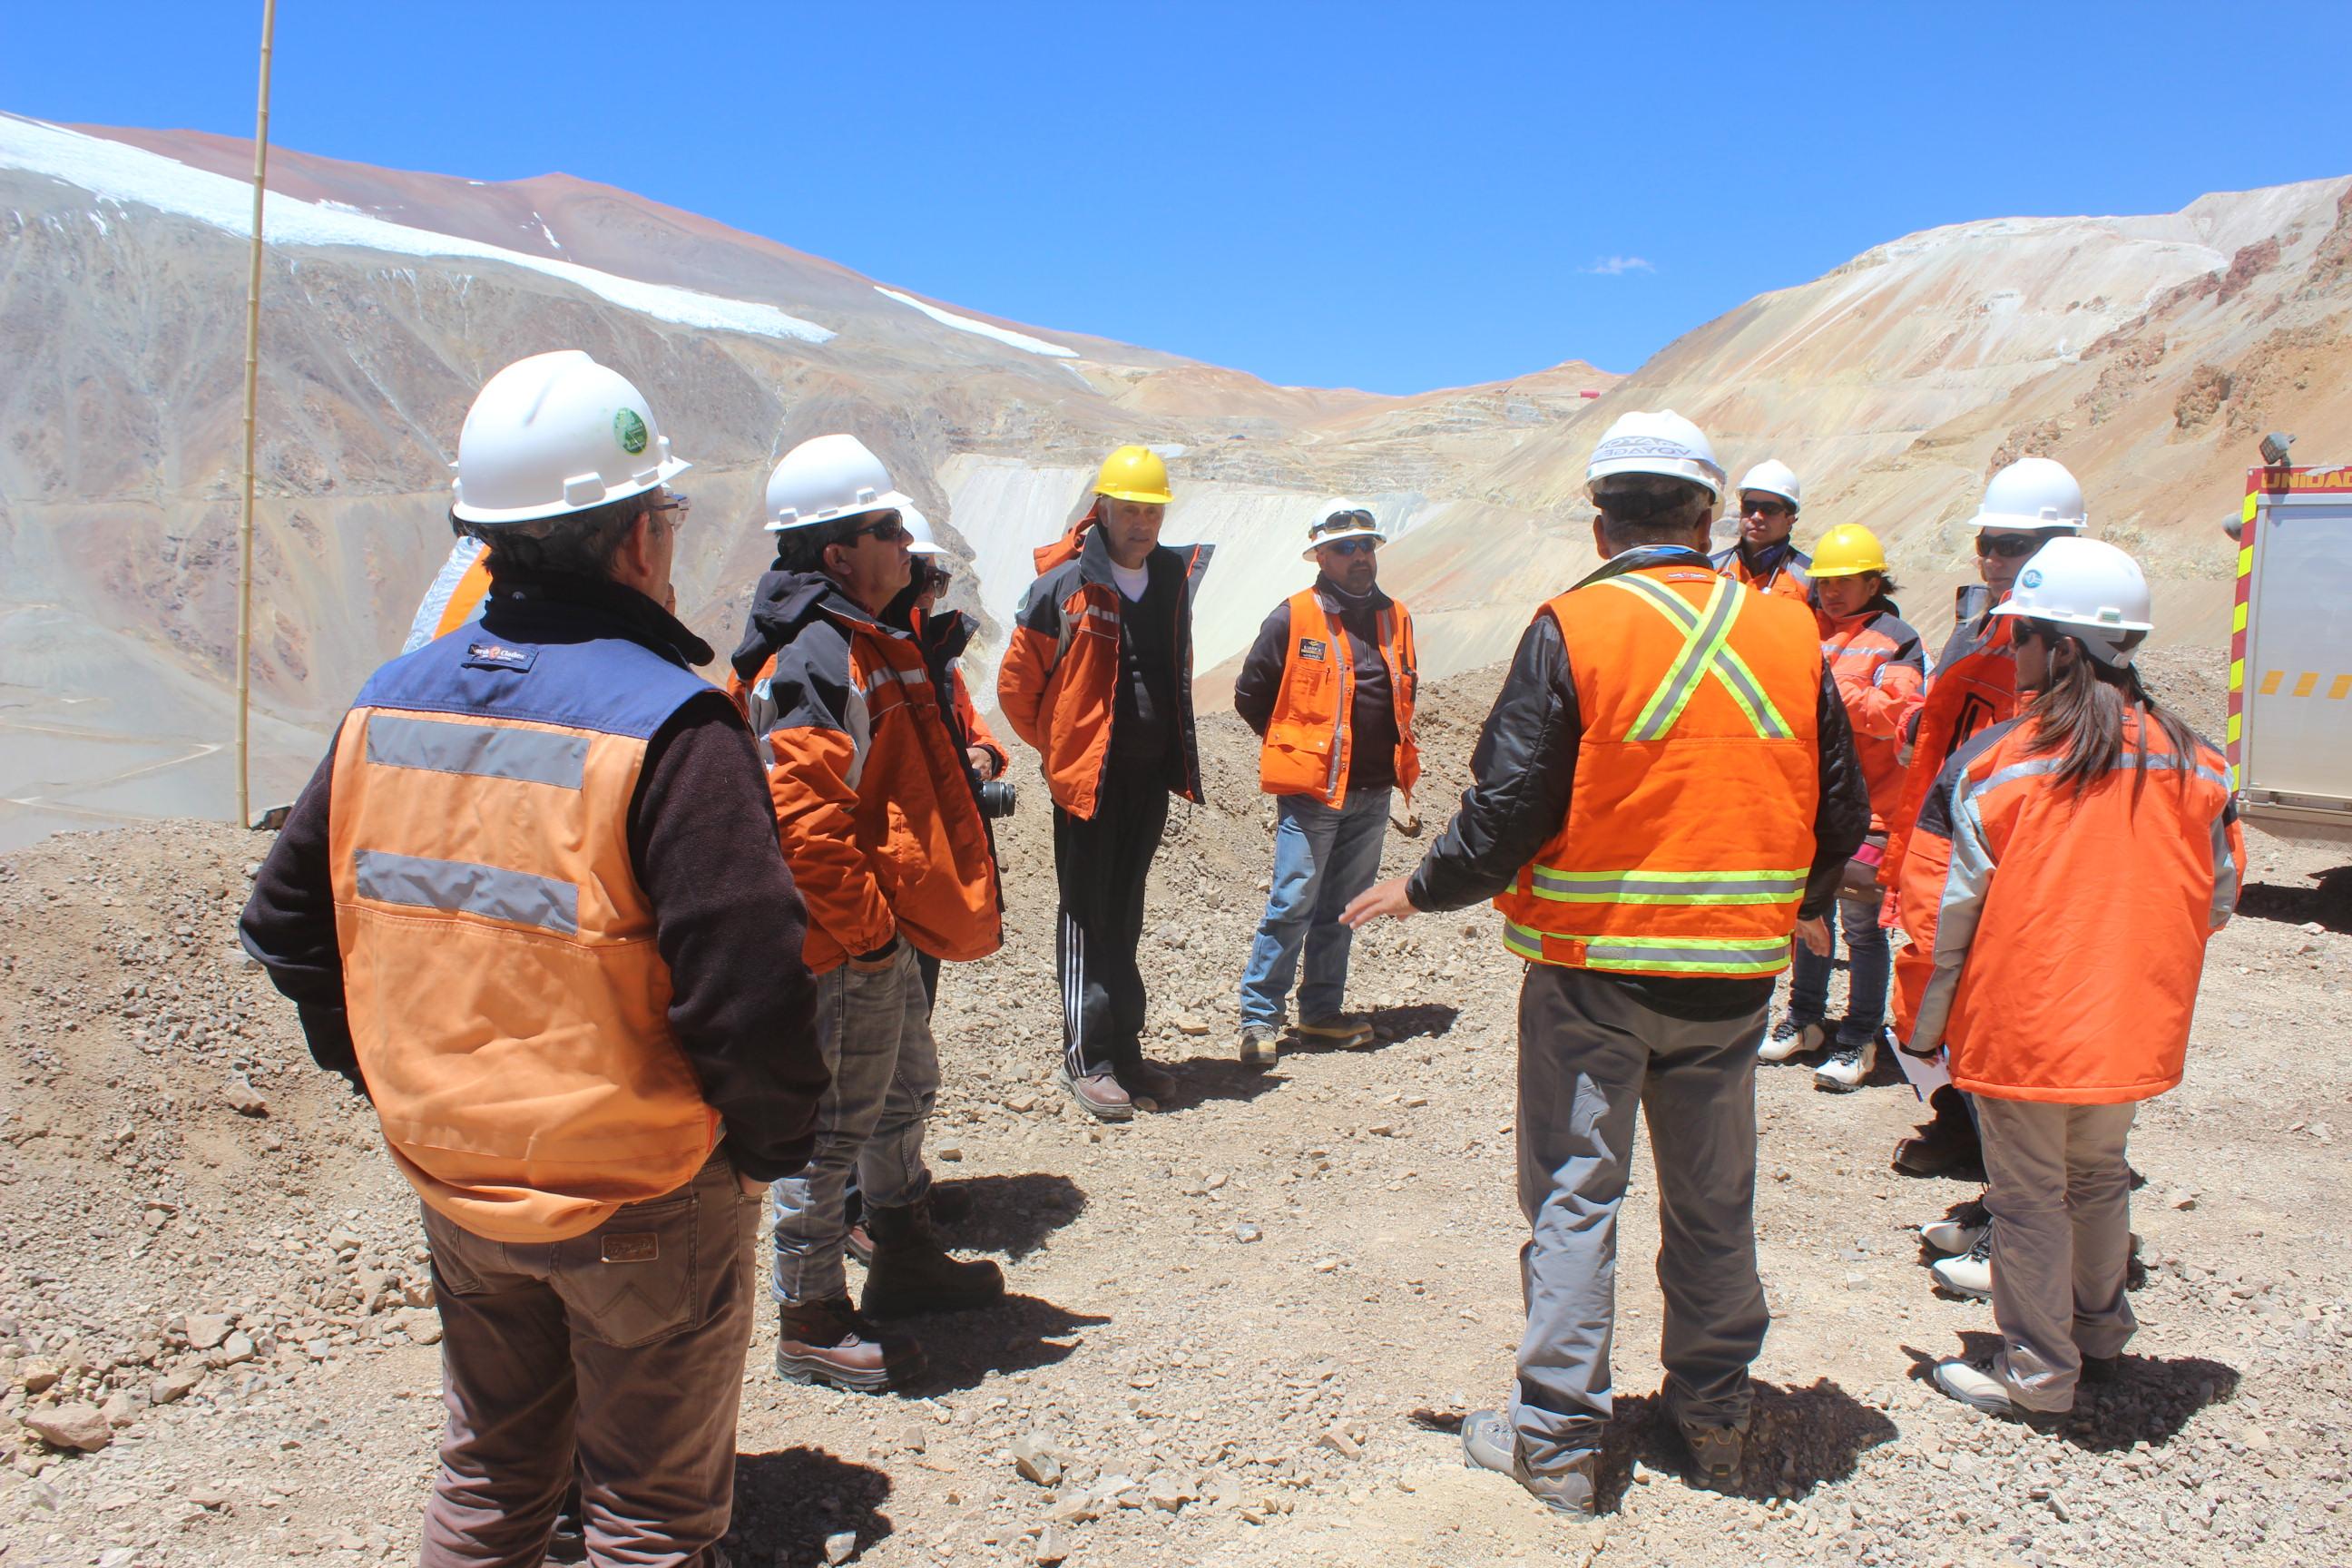 Pascua-Lama permitirá visitar glaciares y glaciaretes en programa de visitas para las comunidades